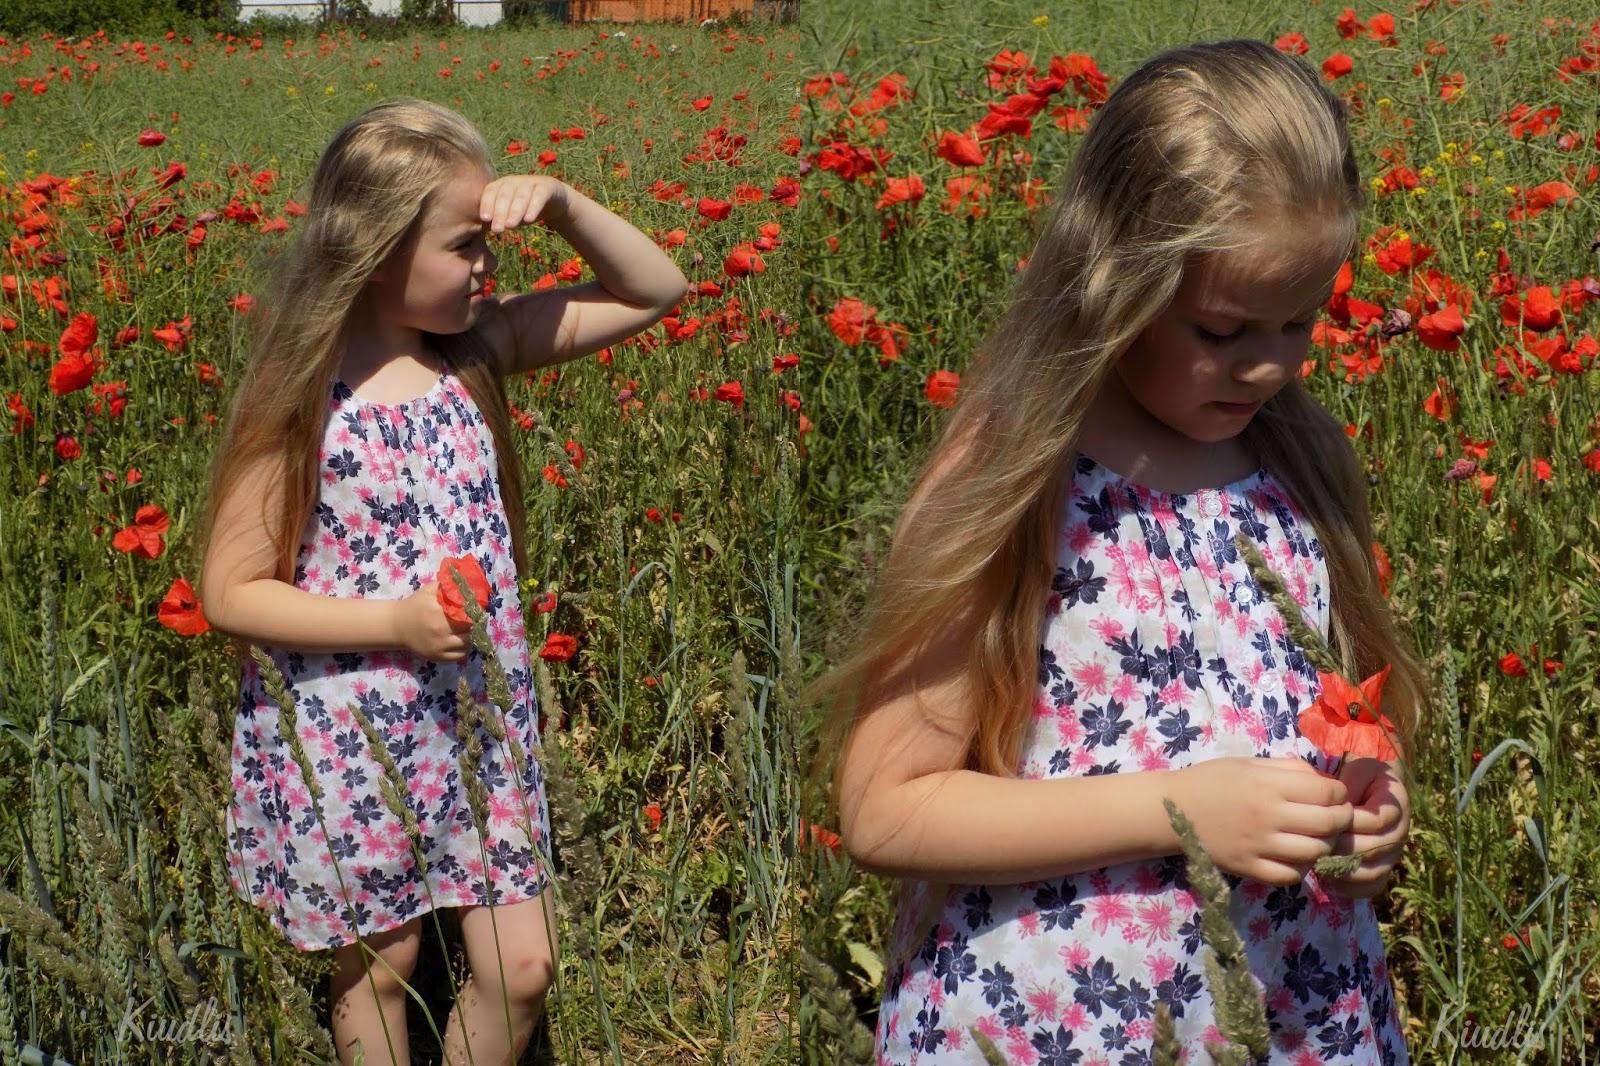 Wśród polnych kwiatów.